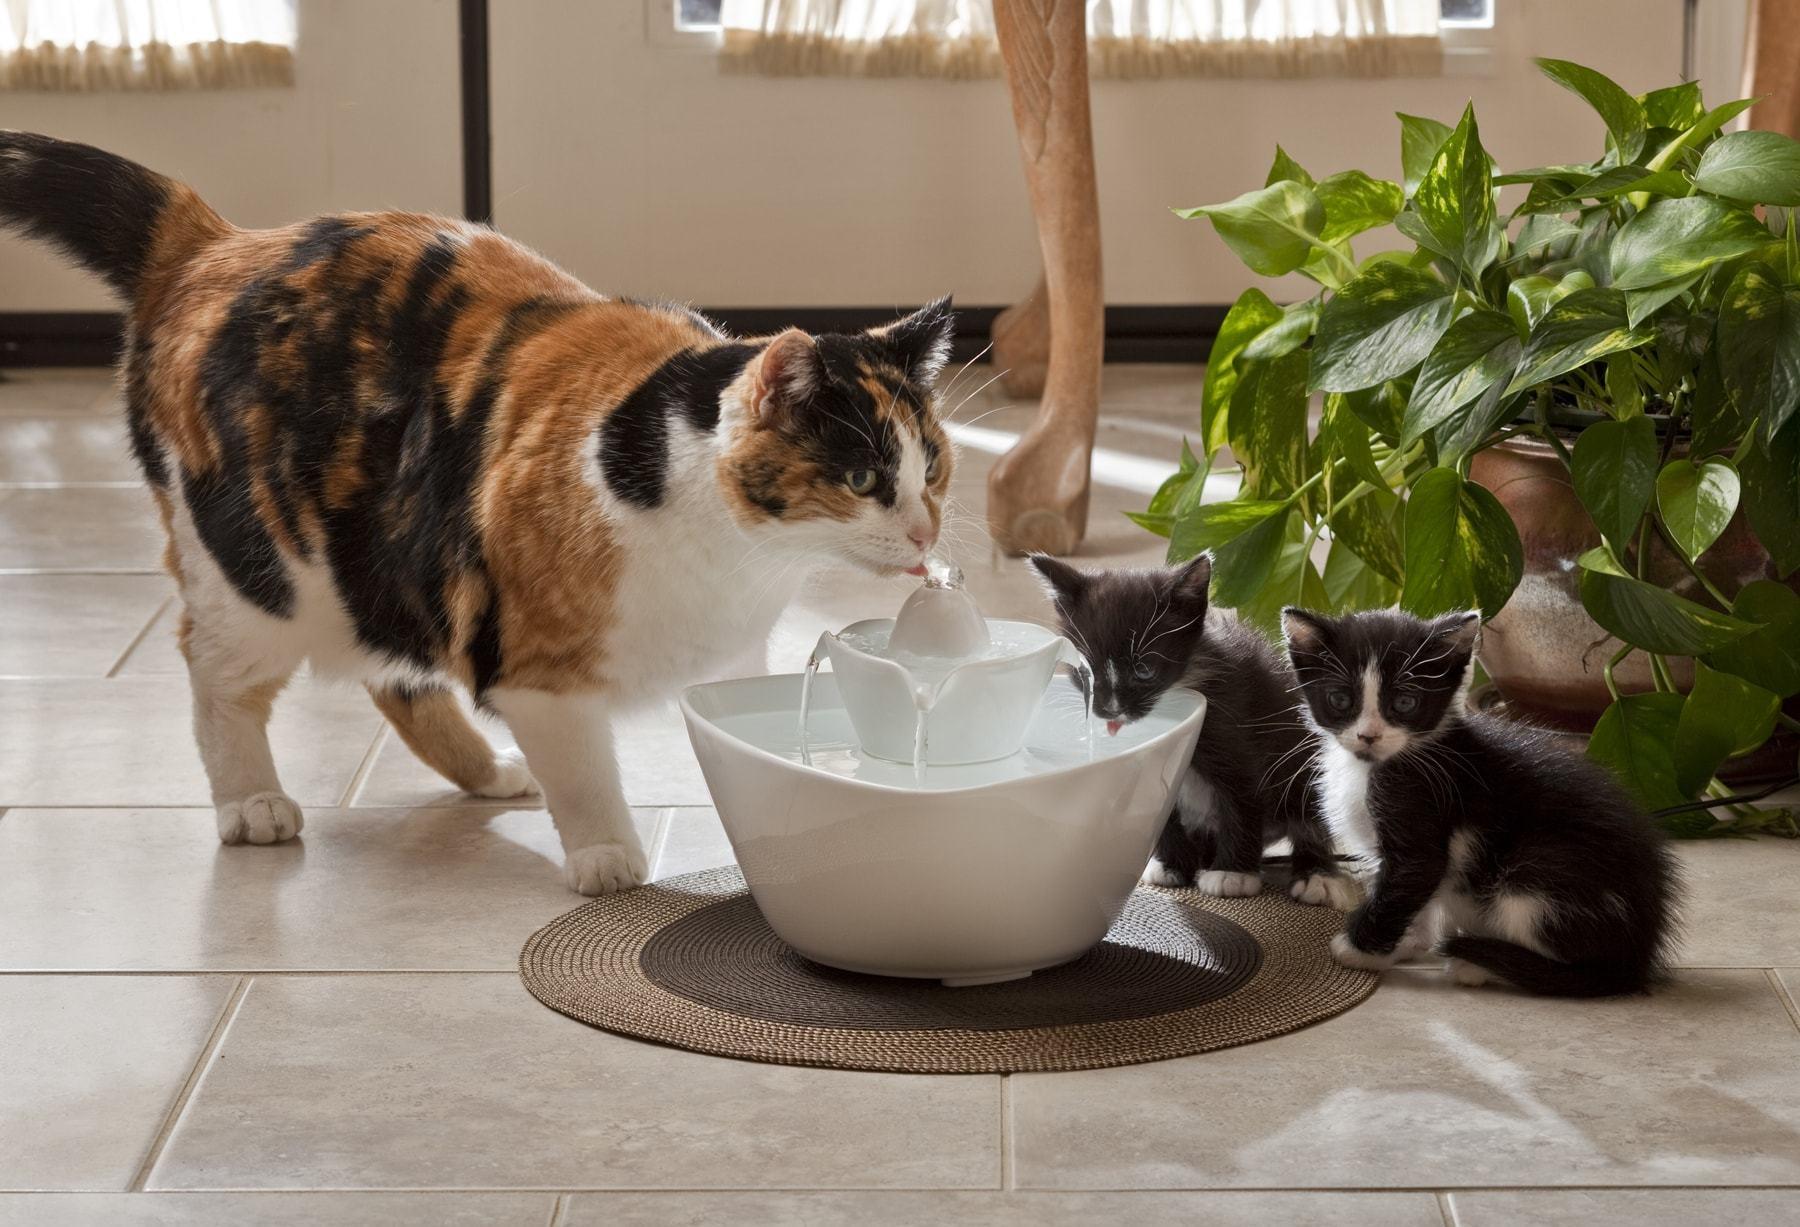 kucingminum6 - 6 Trik Mudah yang Bisa Kamu Terapkan agar Kucingmu Mau Minum Lebih Banyak